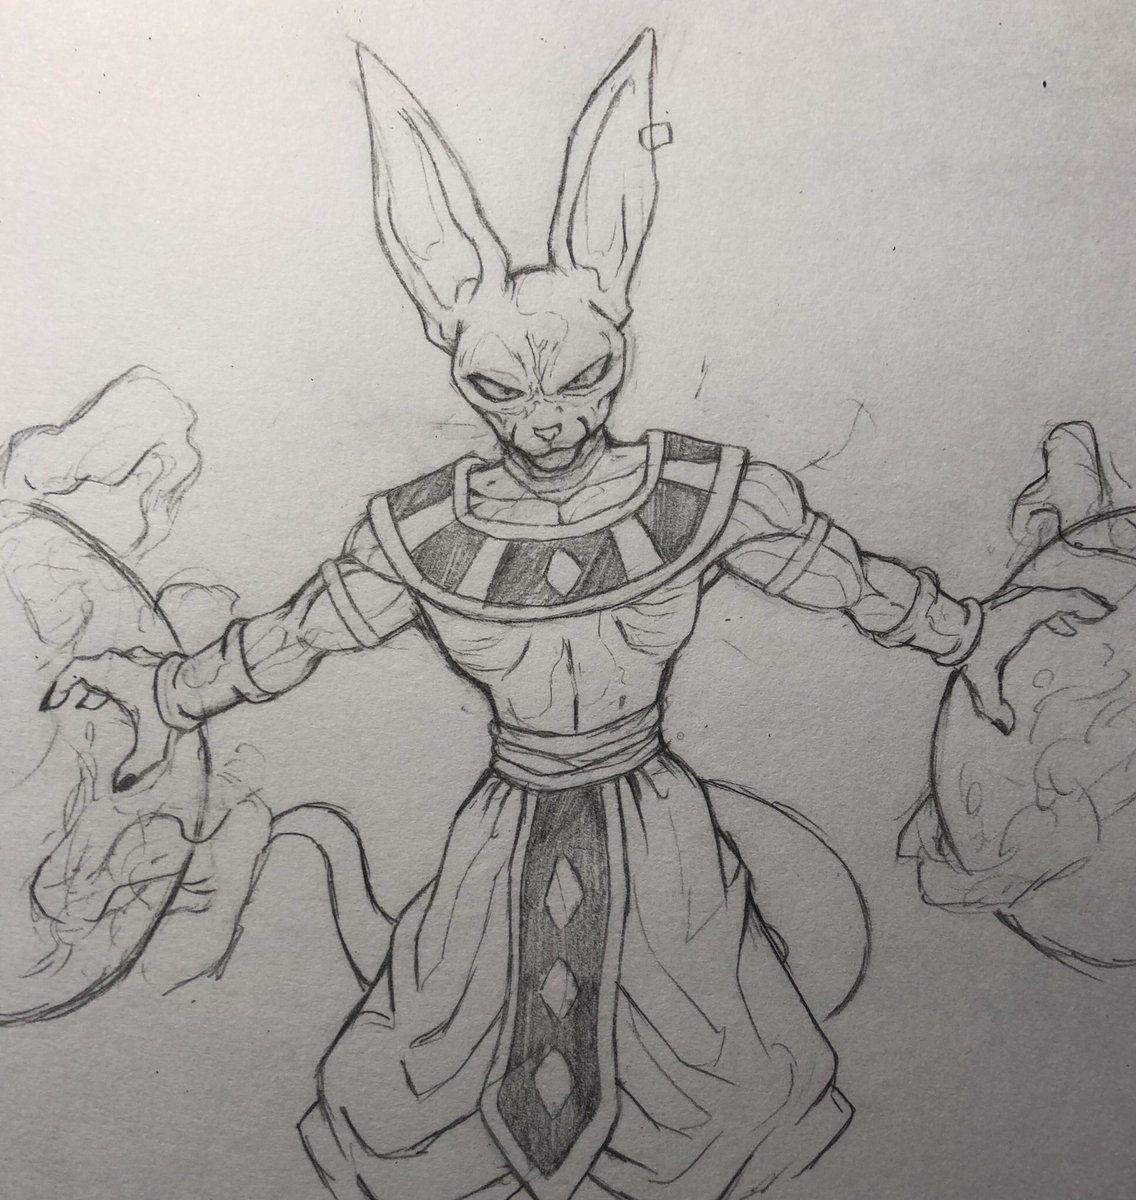 舞零 ぶれ Fantastickyouth Twitter Desenhos Dragonball